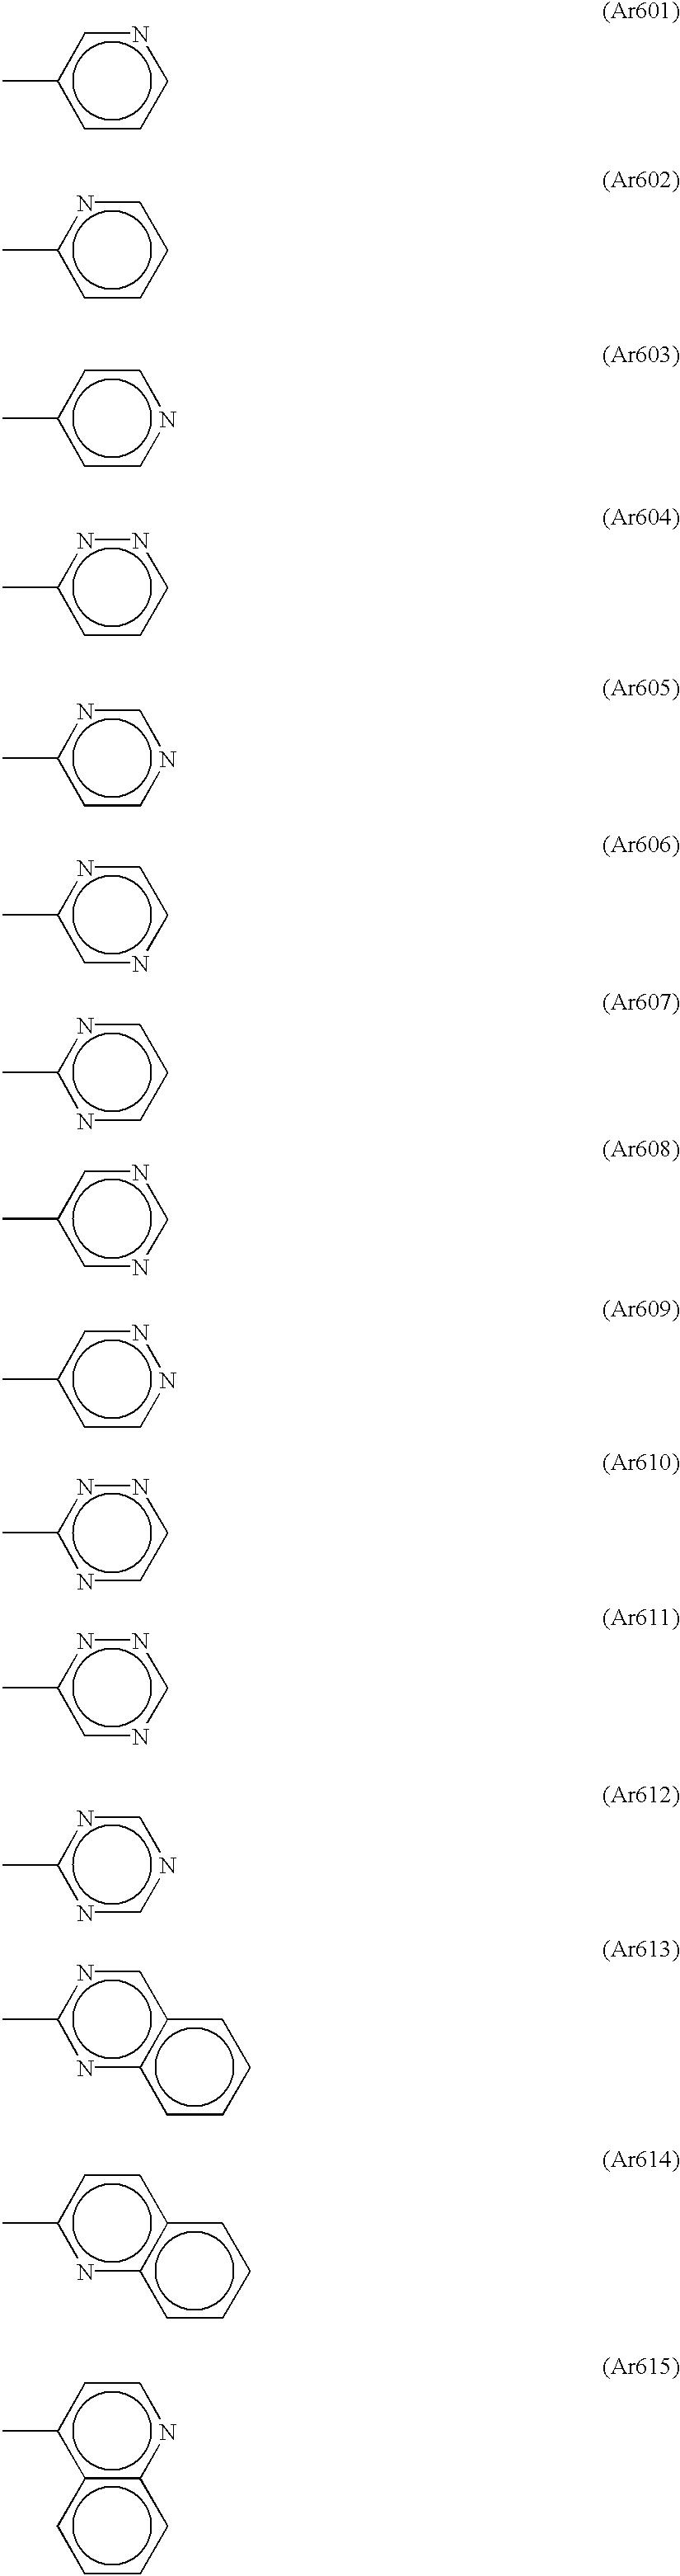 Figure US20030011725A1-20030116-C00002